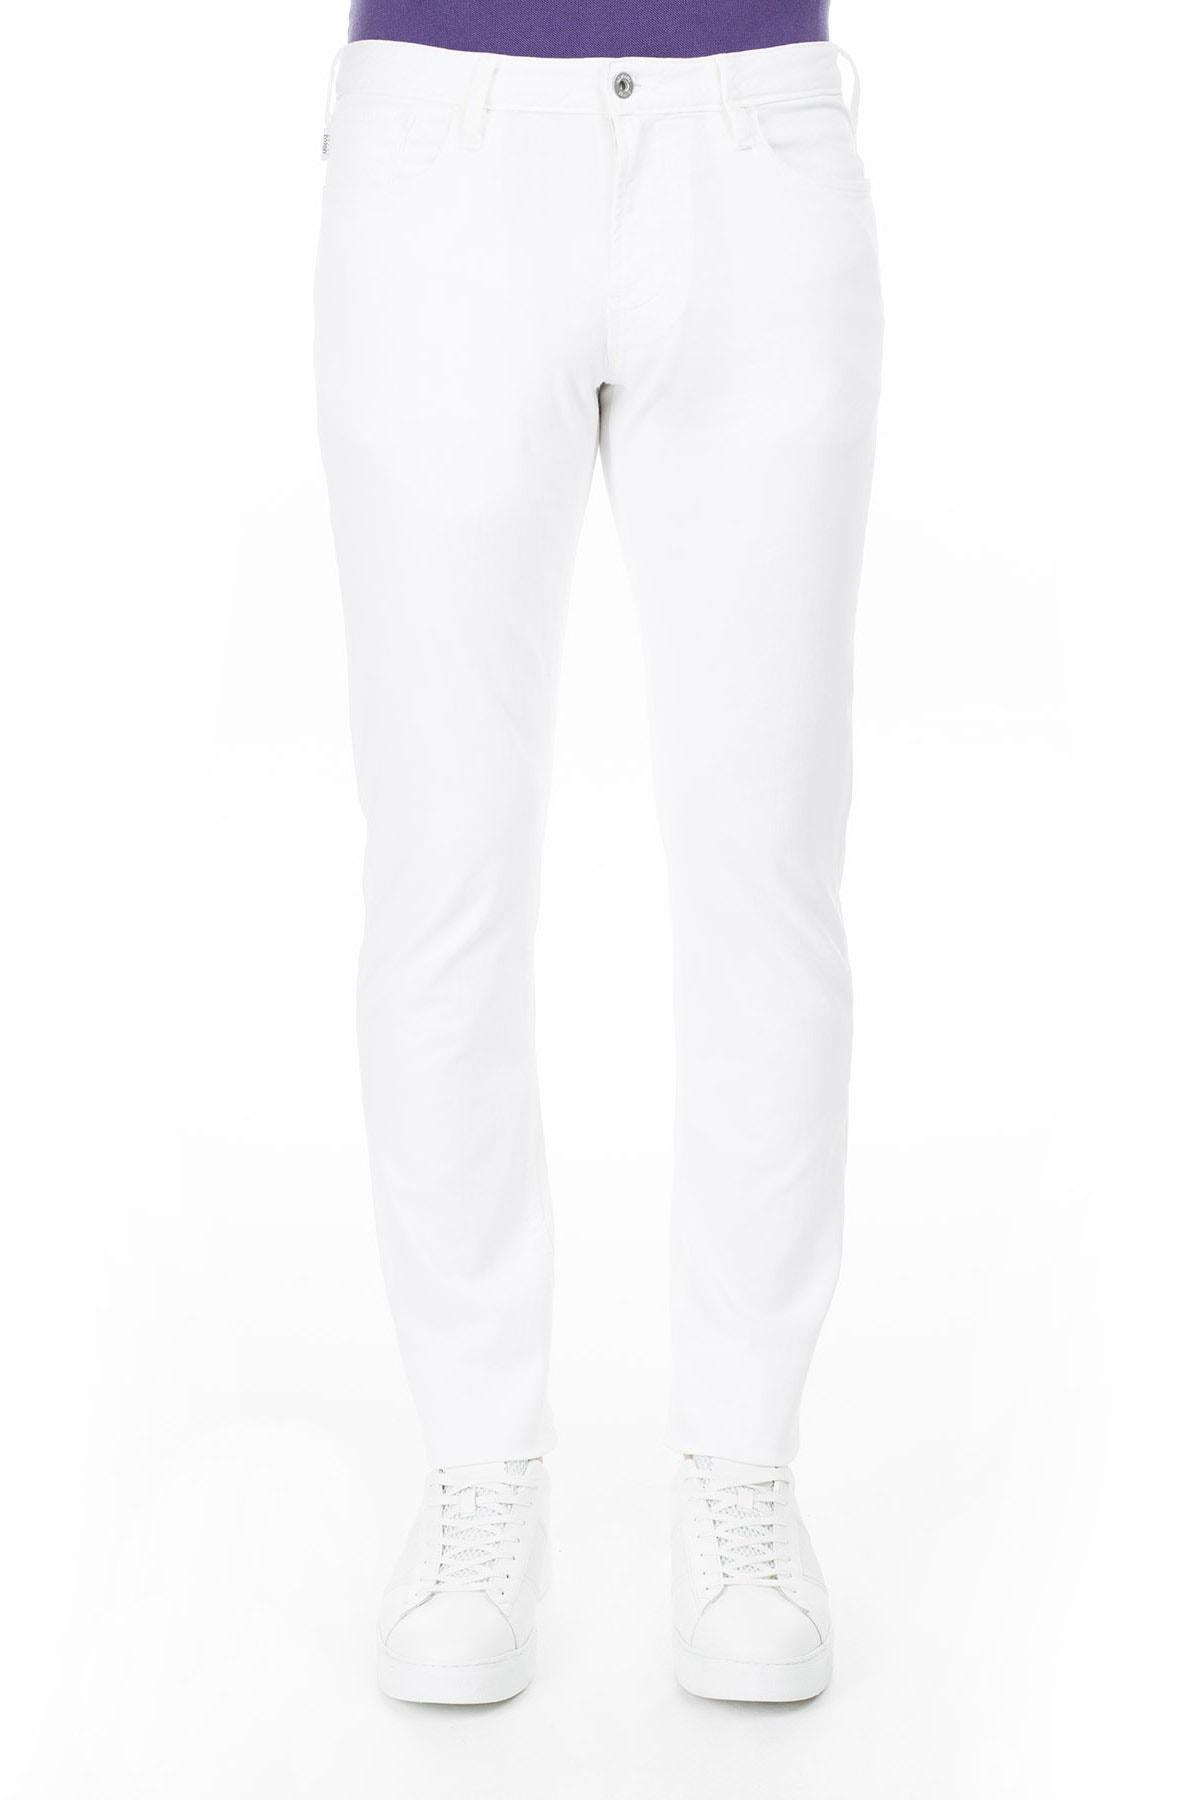 Armani Jeans Erkek Beyaz Pantolon 3Y6J06 6D18Z.1100 2